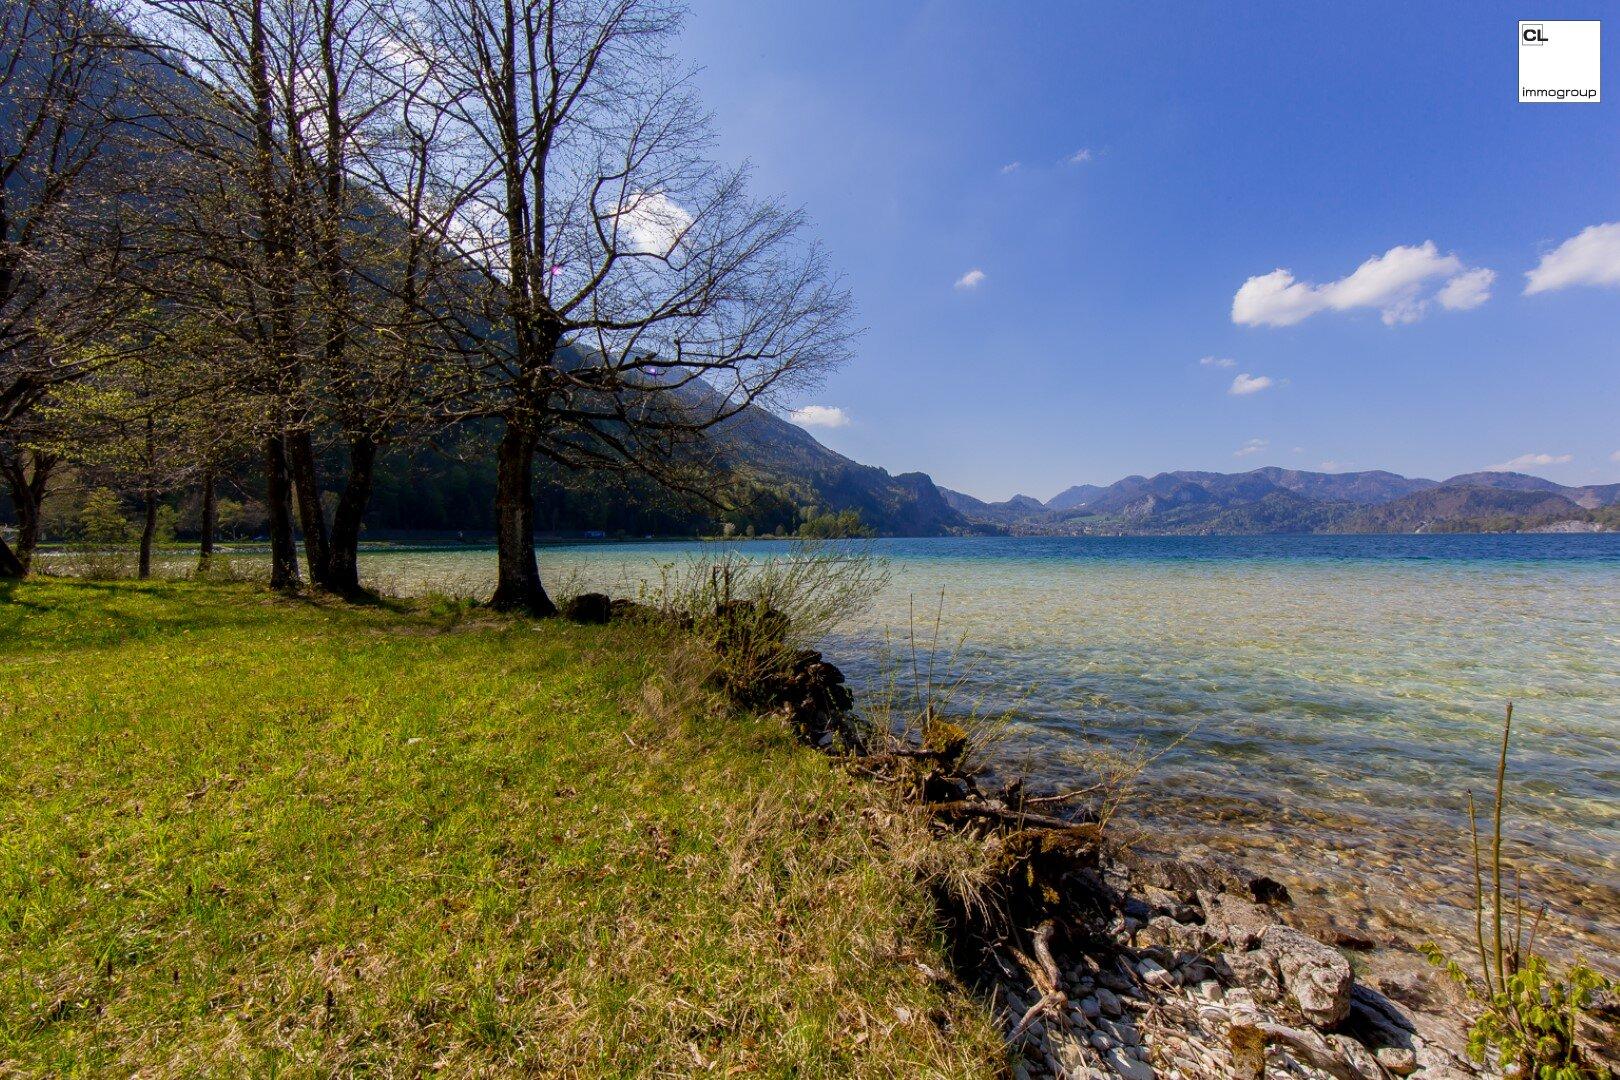 !!!Seltene Gelegenheit!!! - Sonniges Seegrundstück direkt am Wolfgangsee zu Verkaufen!